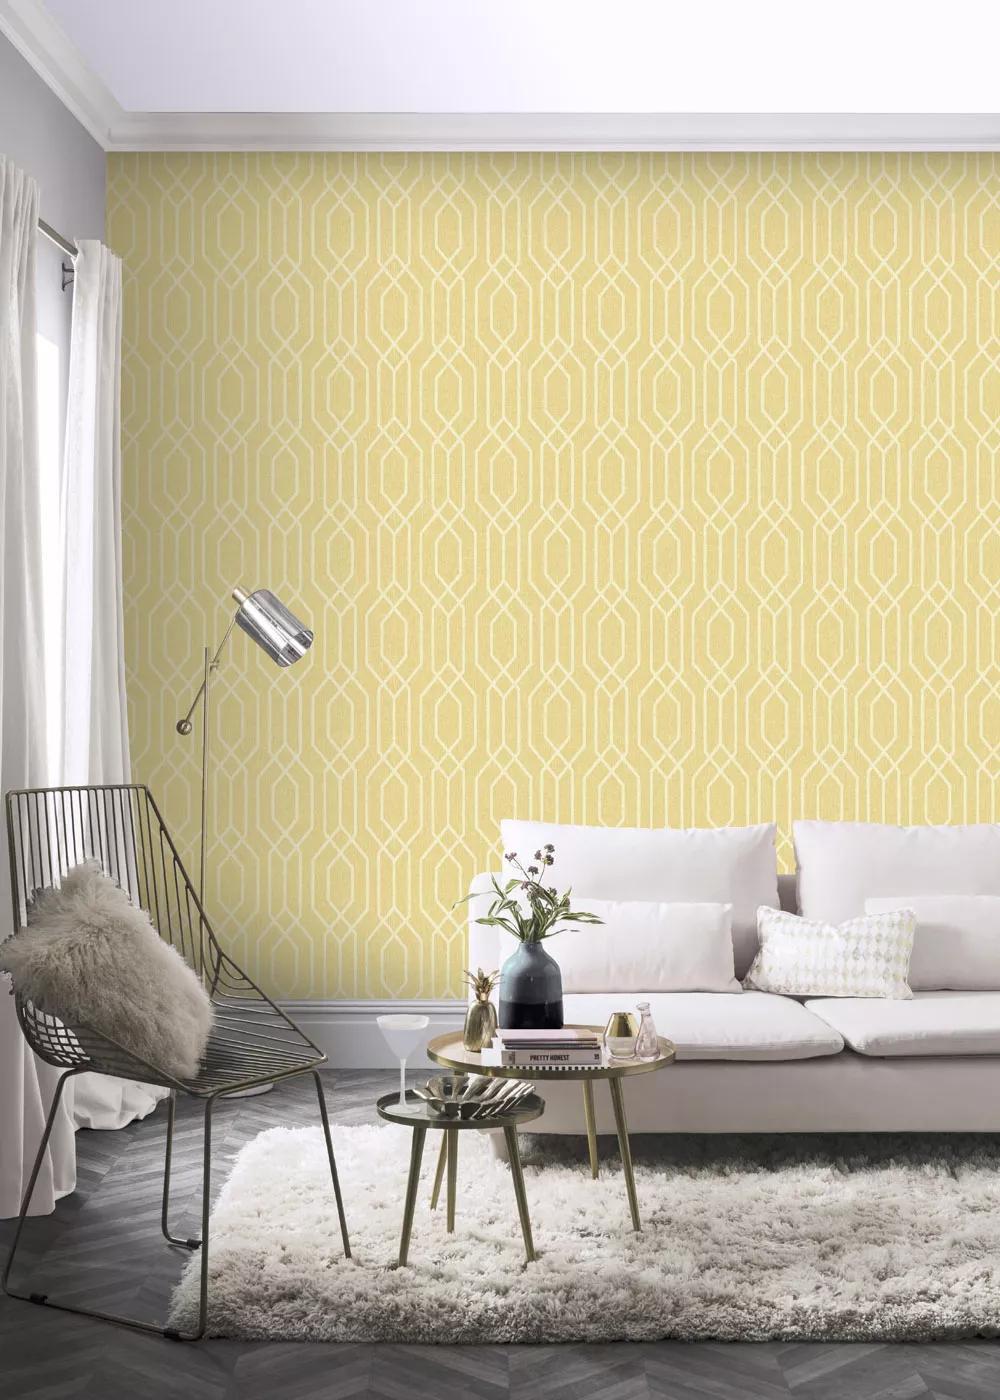 Tapéta sárga színben modern geometriai mintával